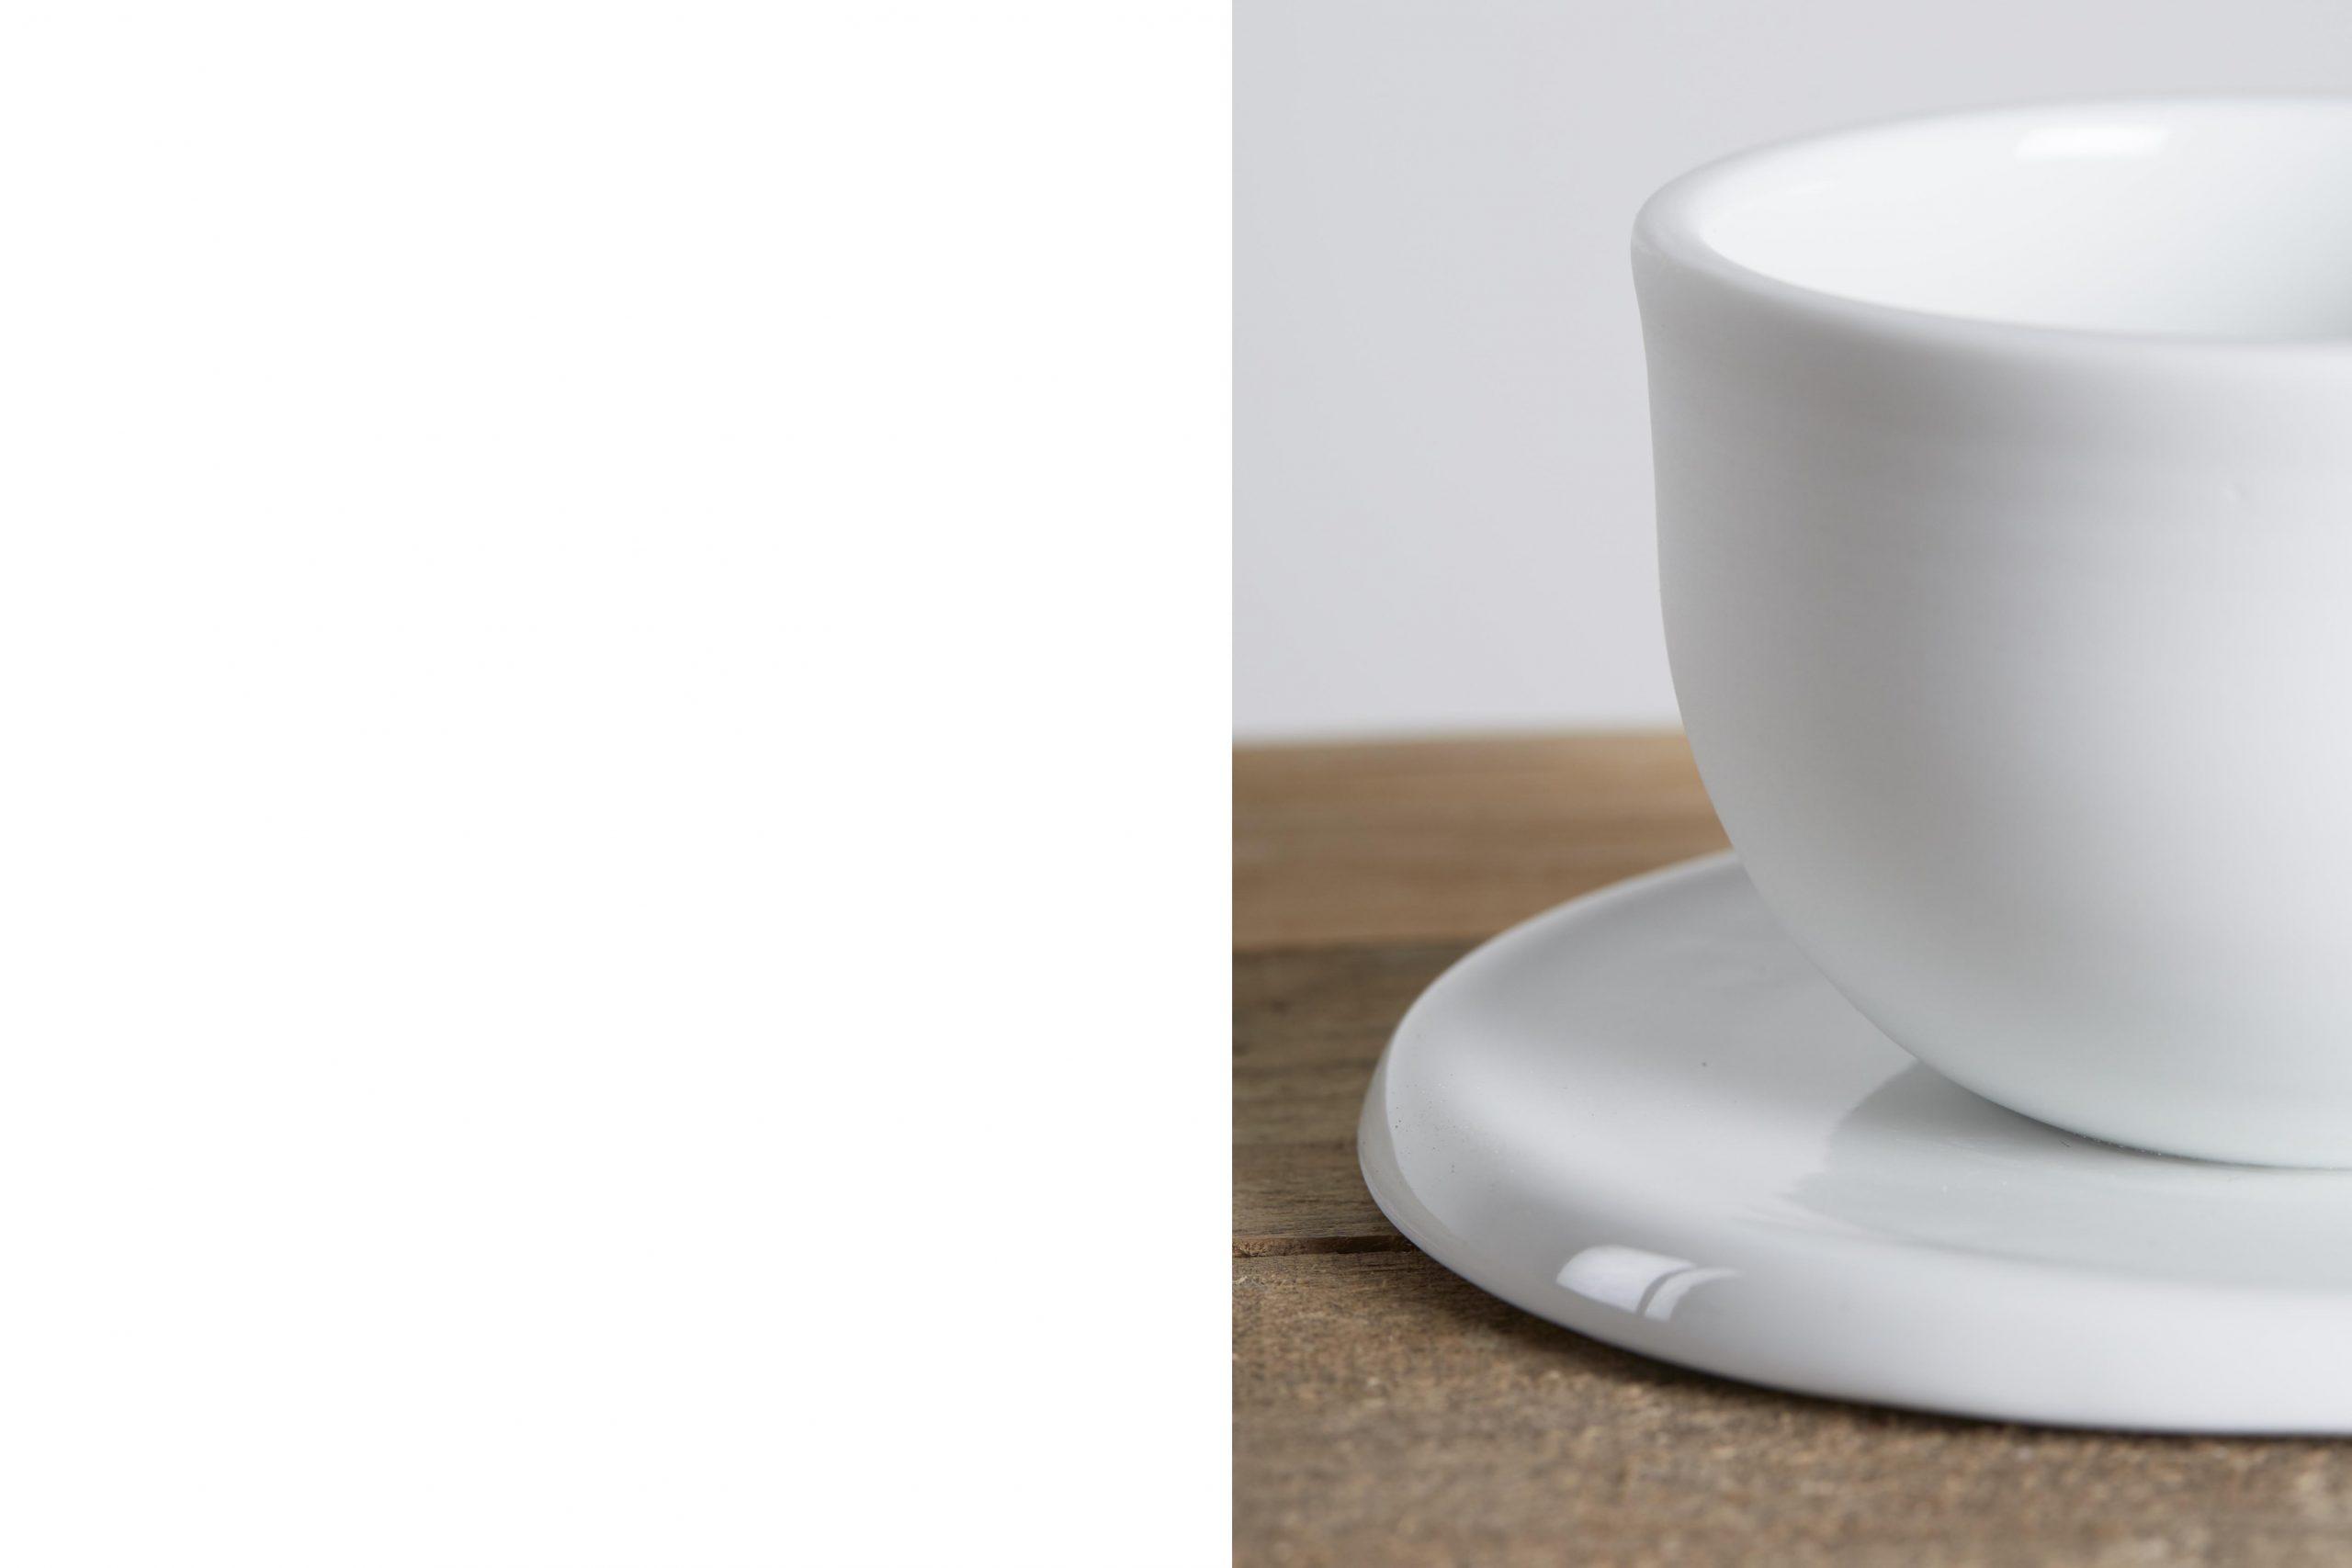 tazza e piattino in ceramica bianca - artigianale - Federica Ramacciotti